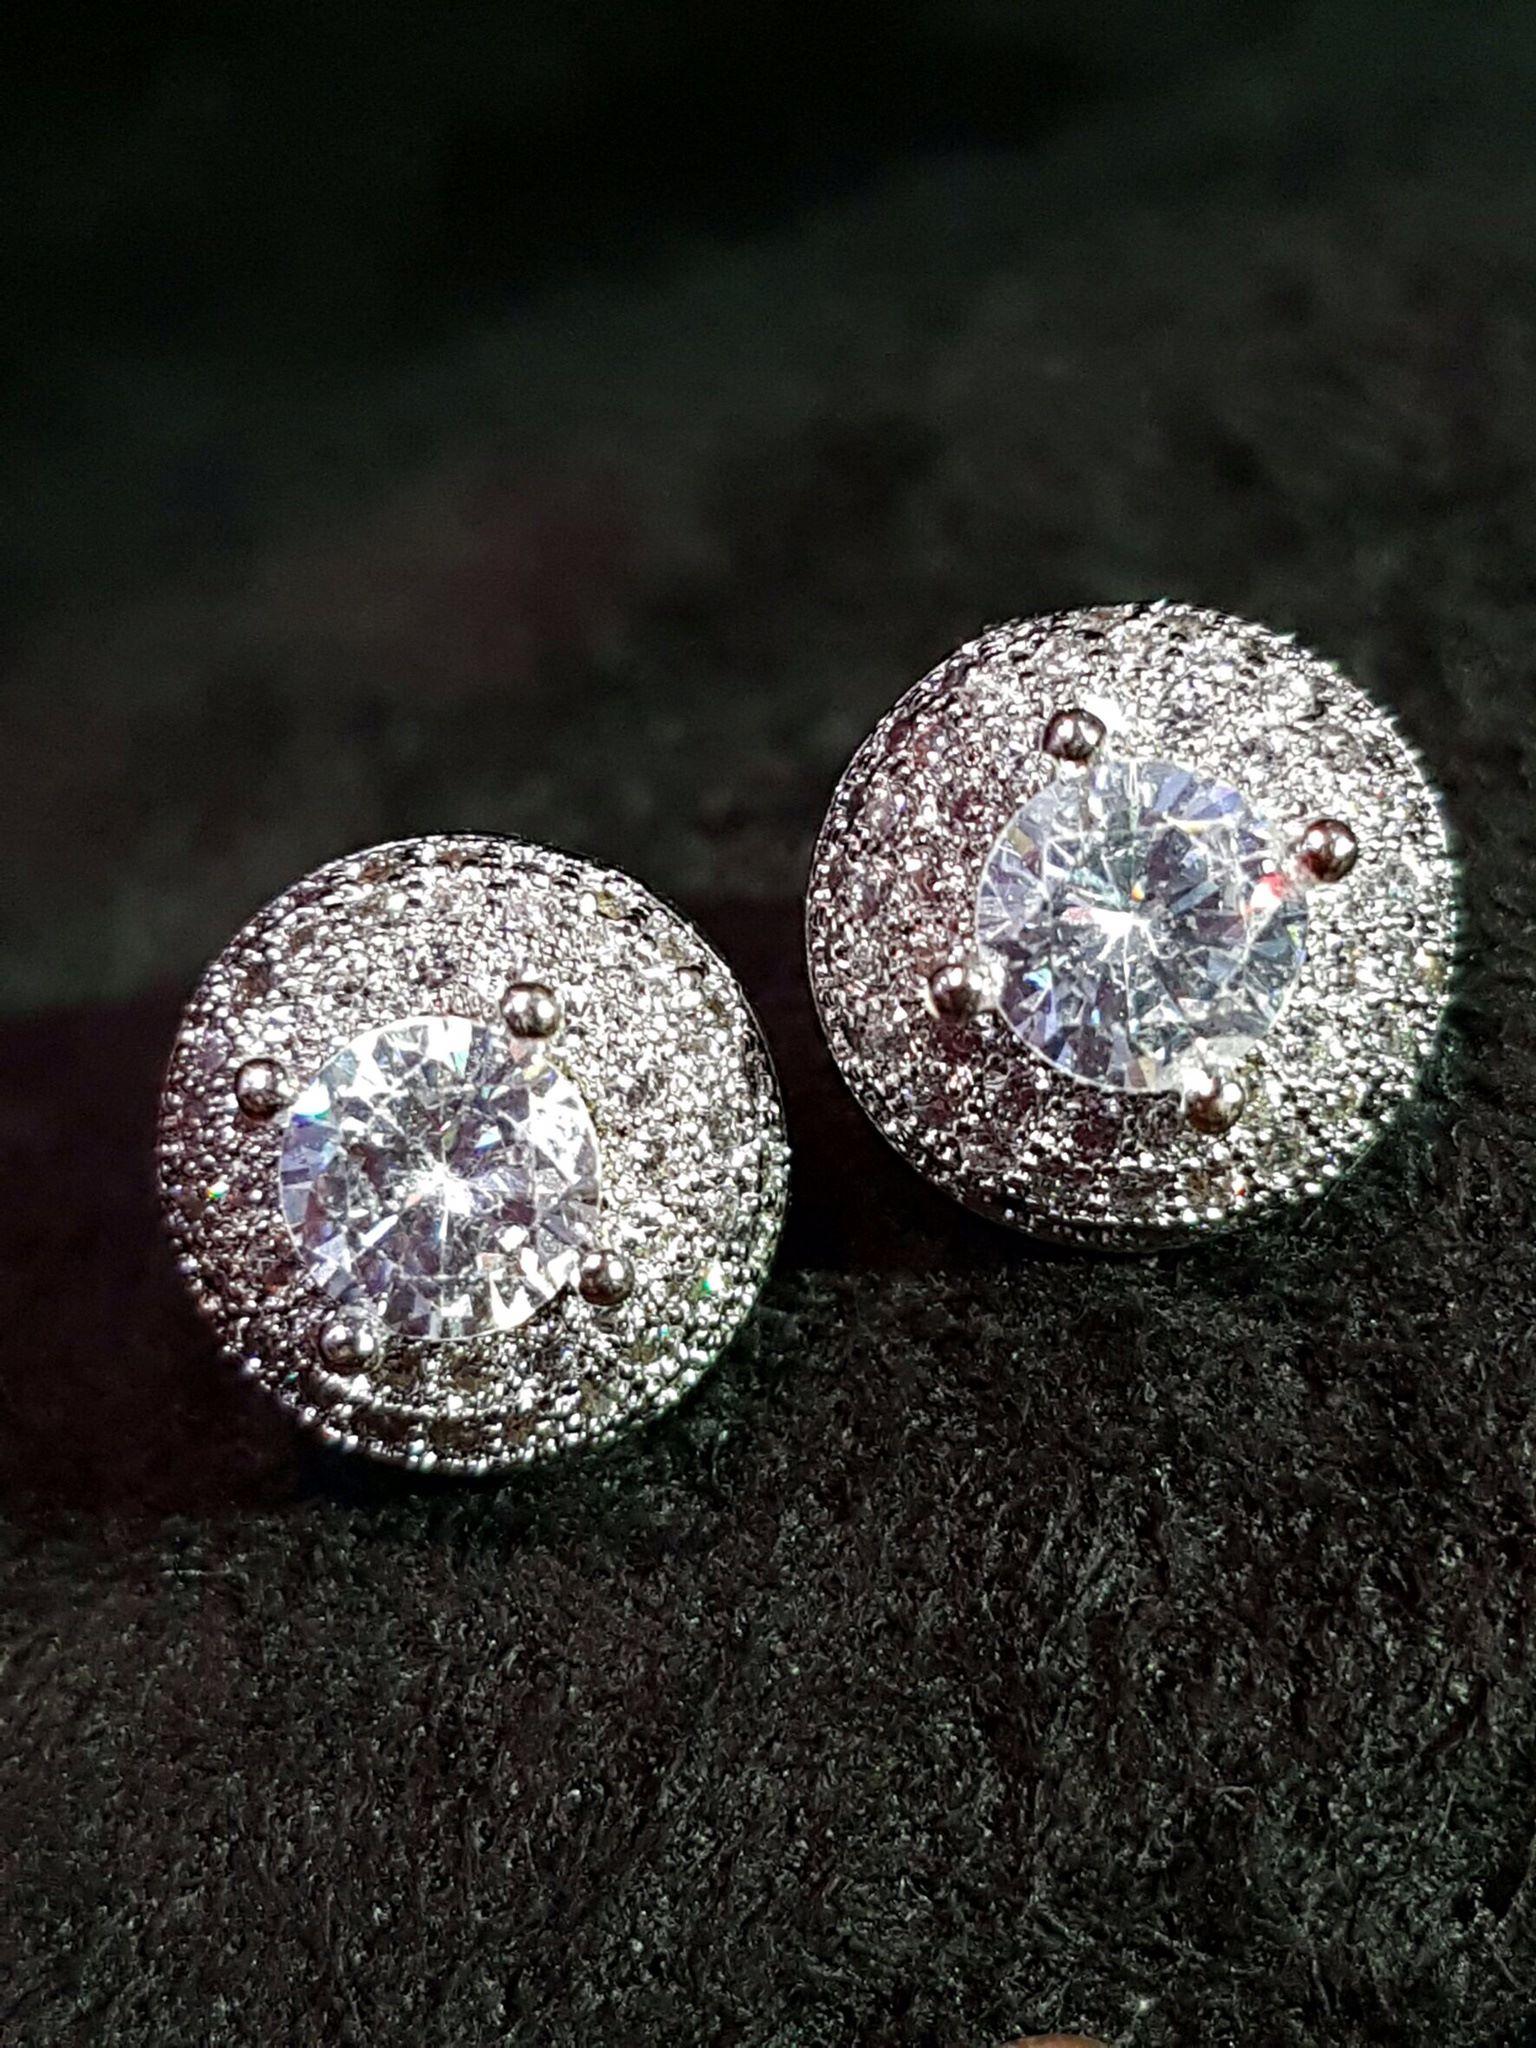 พร้อมส่ง Diamond Earring ต่างหูทรงกลม งานเดียวกับเกรดJewelry ขึ้นห้าง